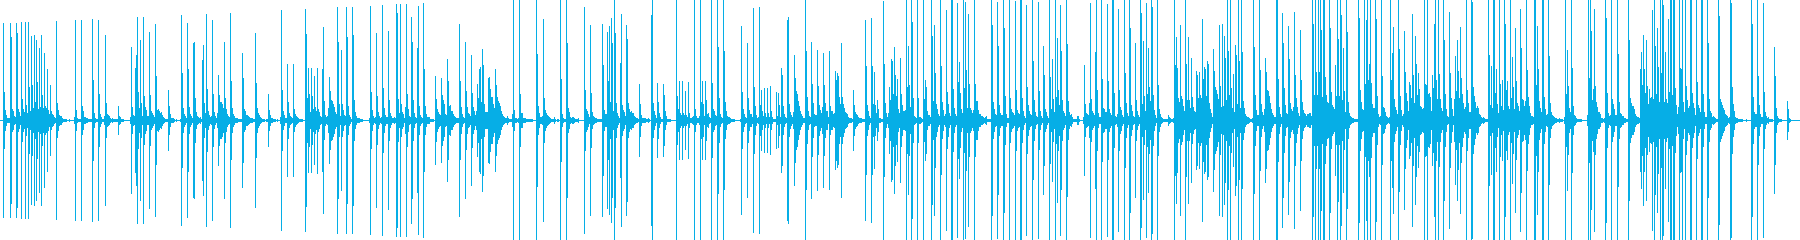 三味線225廓丹前3和風エロ湯女サウナ男の再生済みの波形